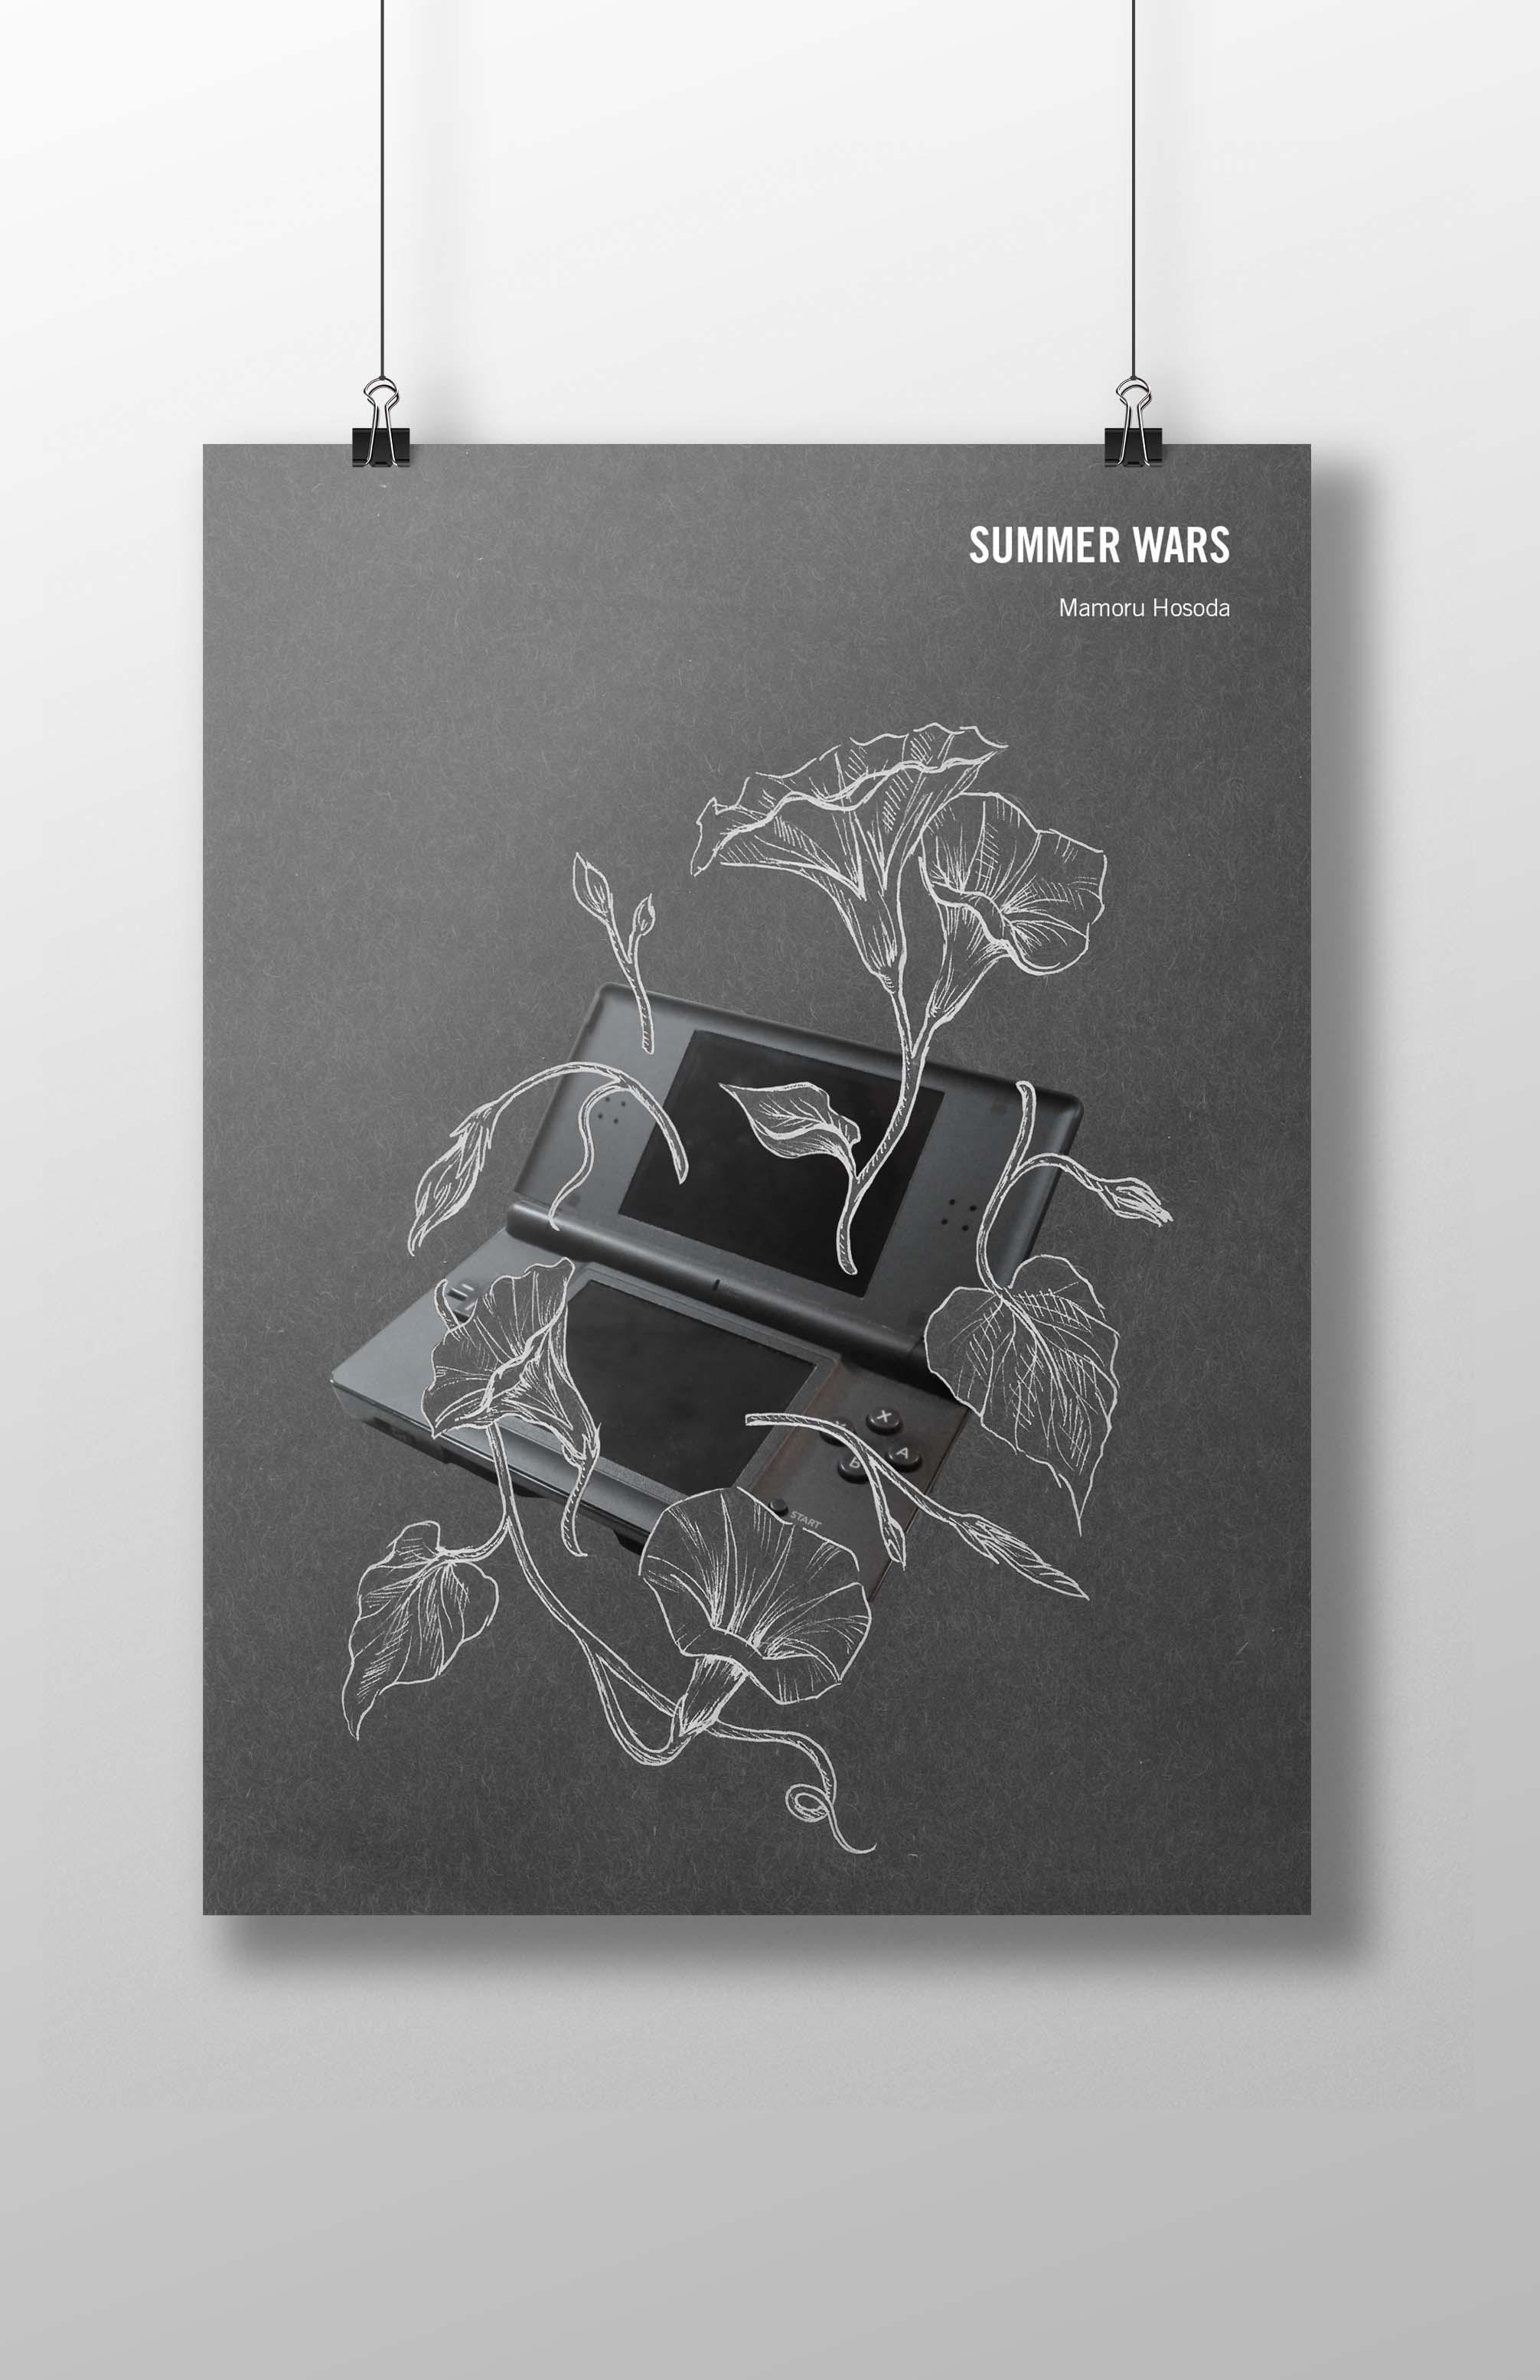 poster_mockup_SUMMER WARS 11x17.jpg